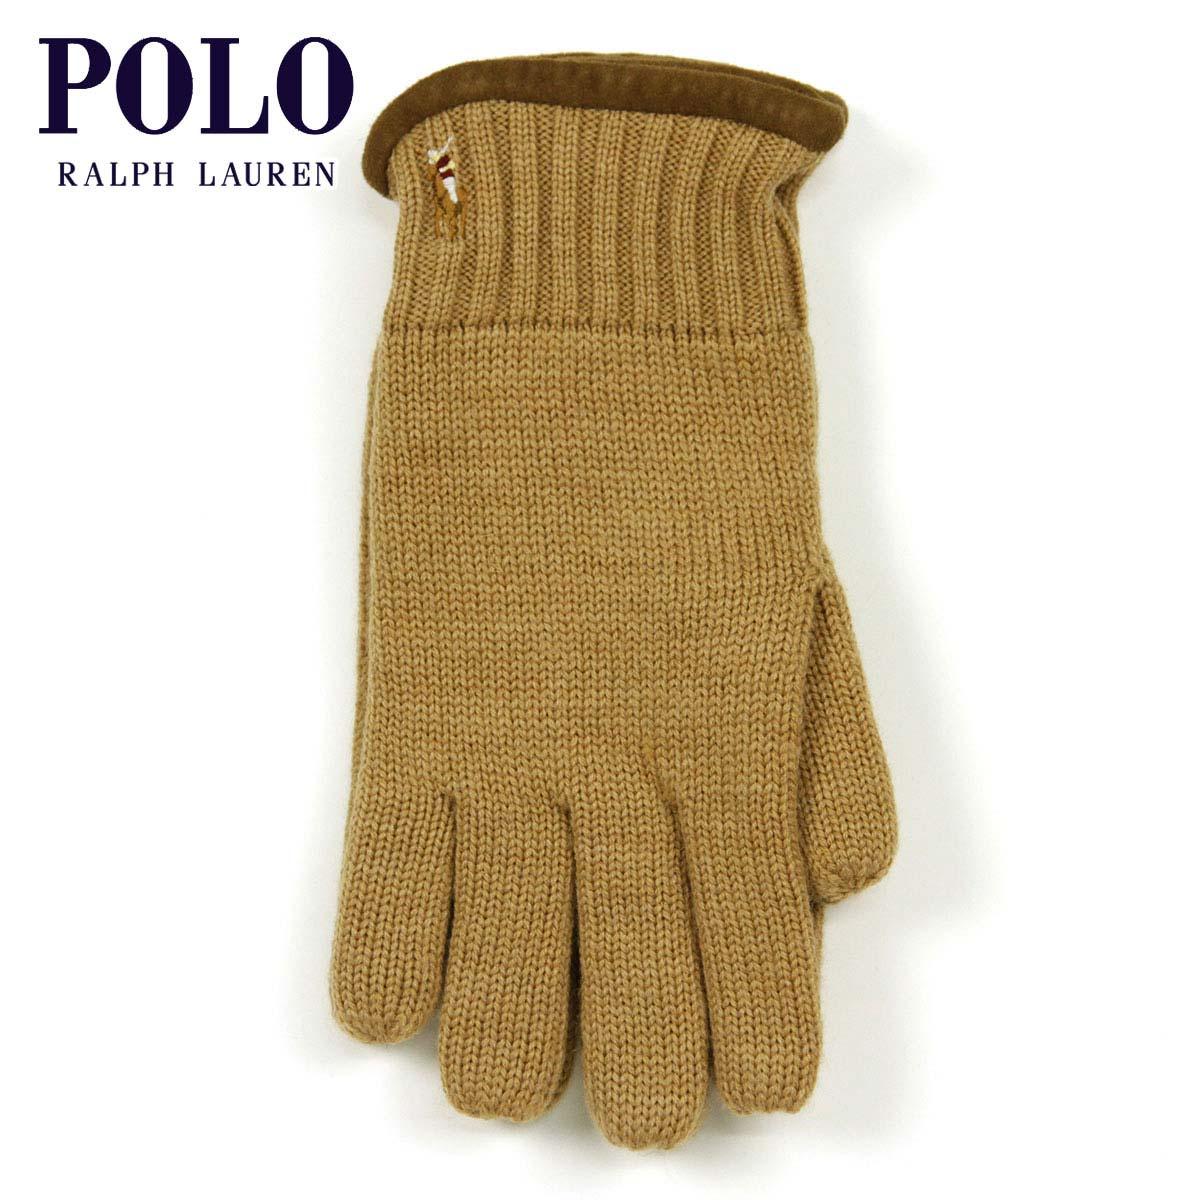 【販売期間 4/19 10:00〜4/26 09:59】 ポロ ラルフローレン POLO RALPH LAUREN 正規品 手袋 Classic Merino Gloves KHAKI D20S30